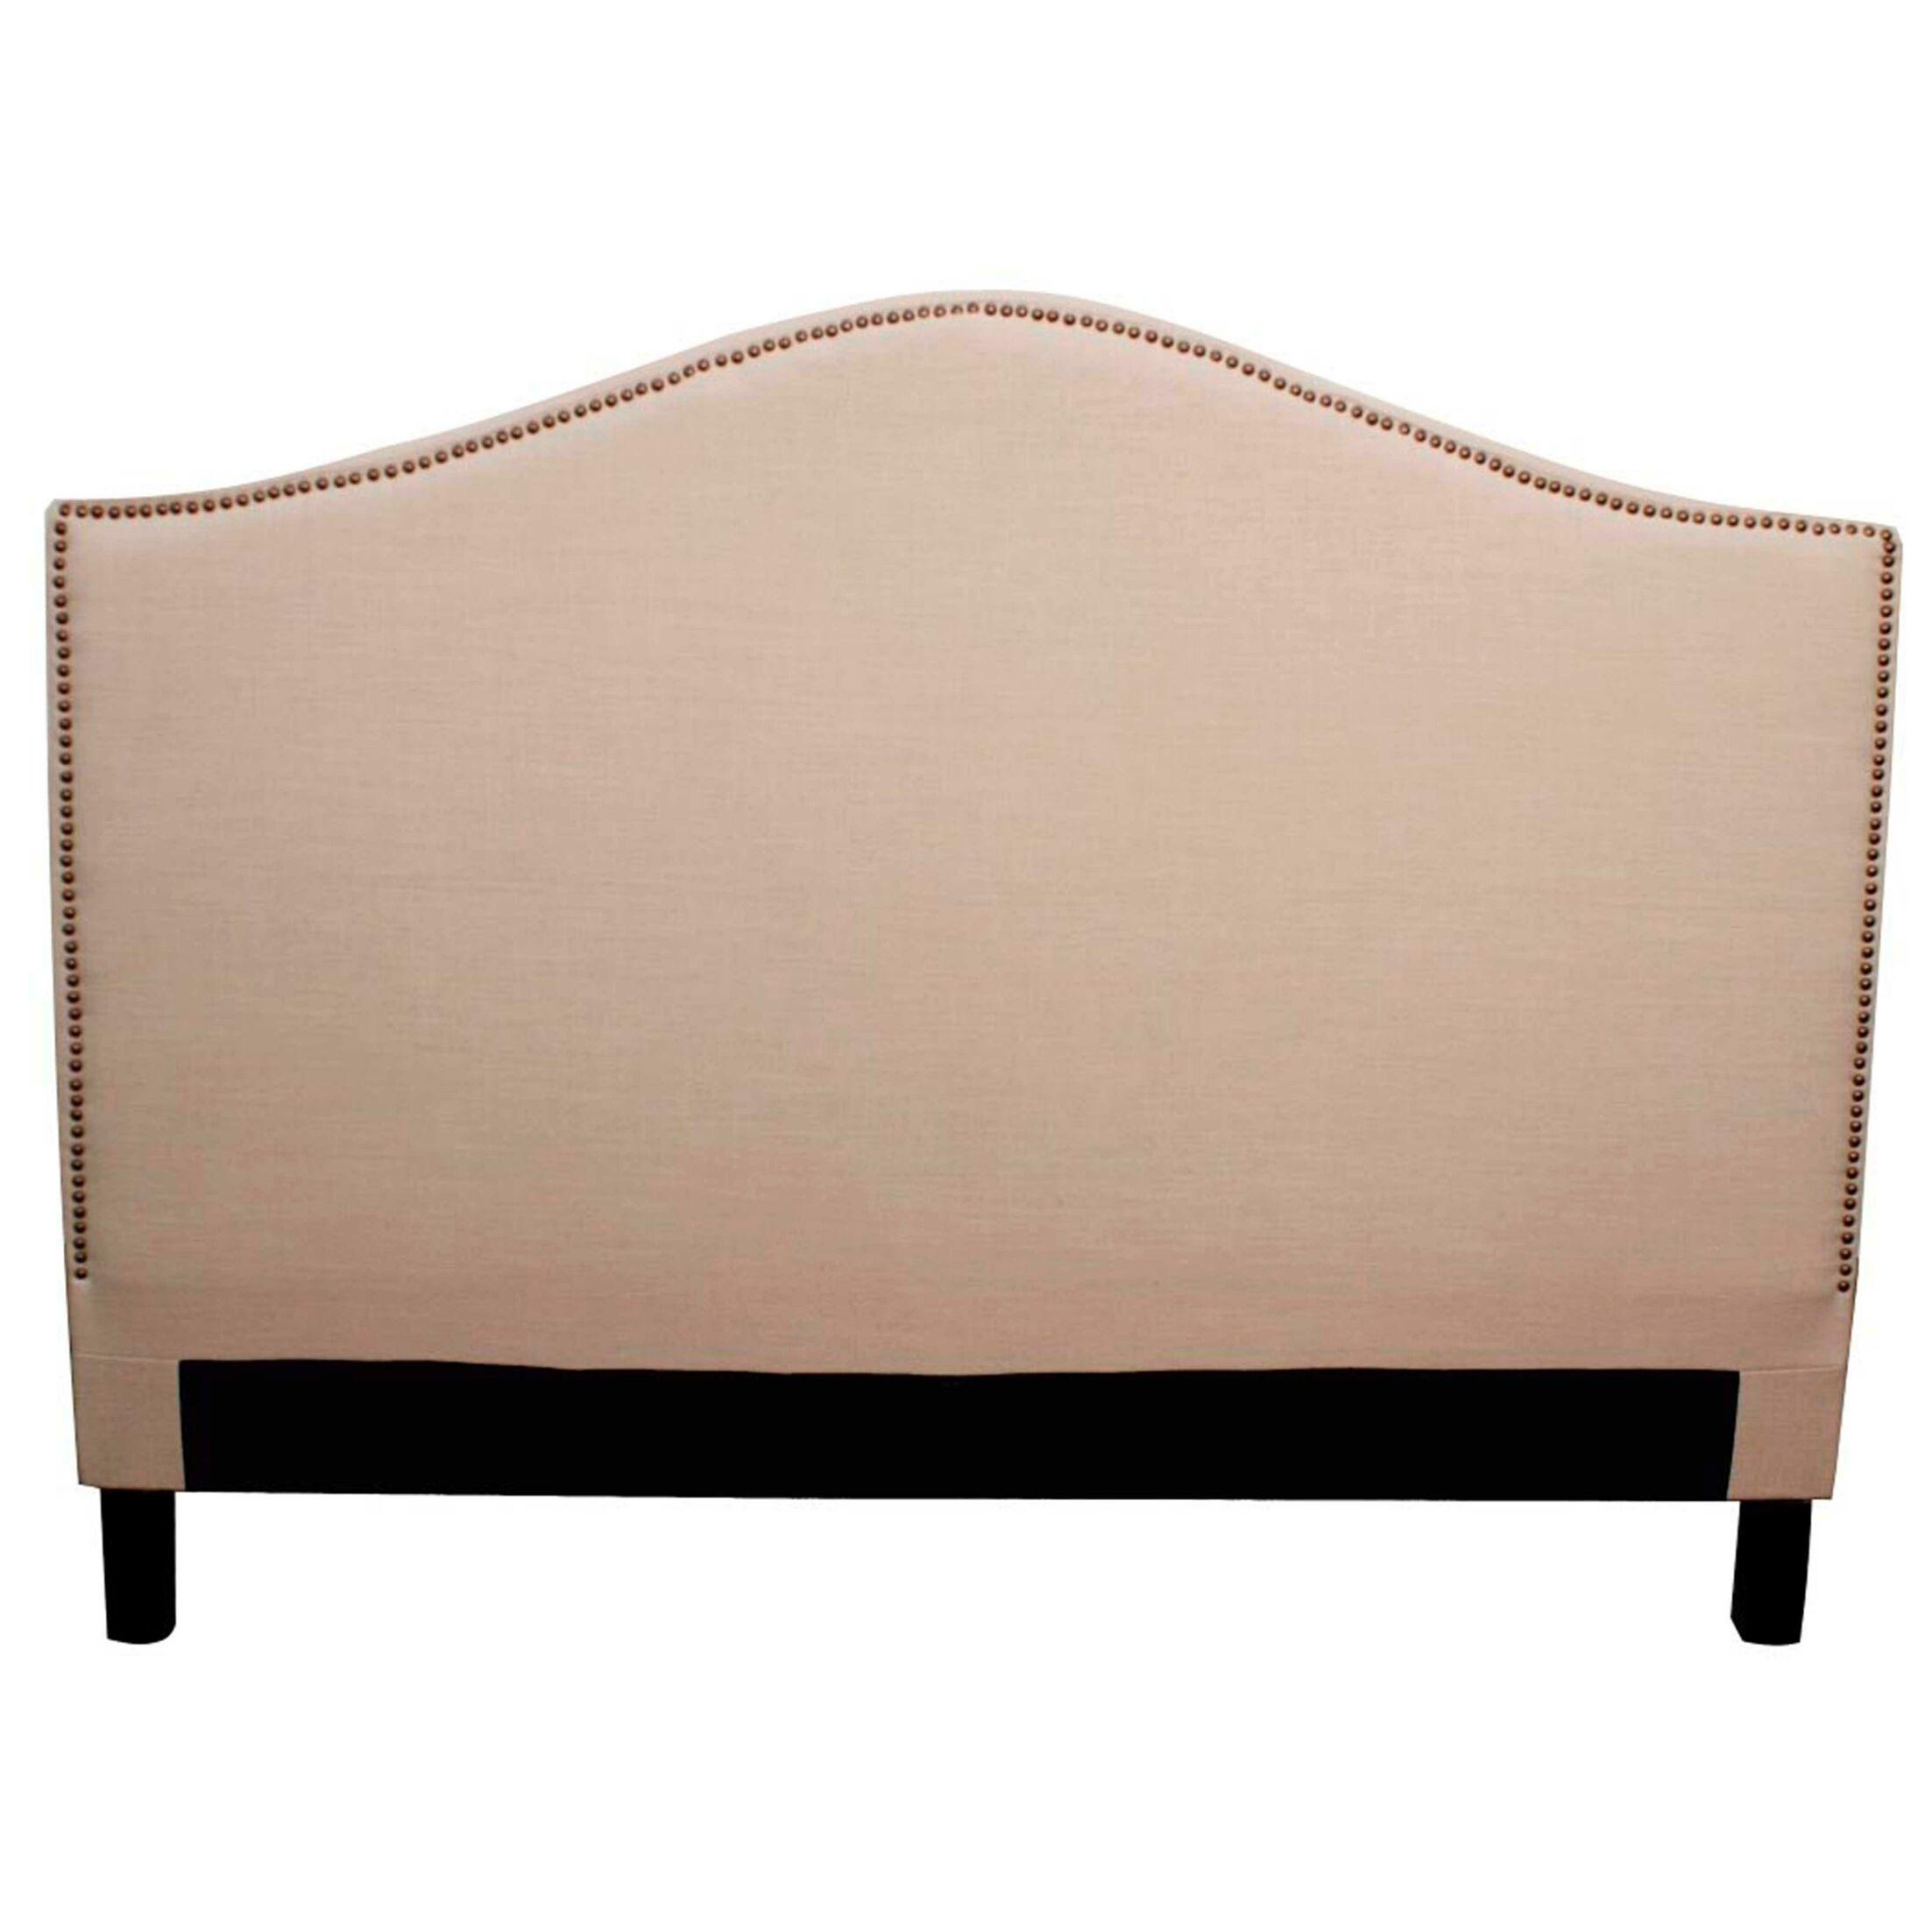 Lehn Upholstered Panel Headboard Upholstery: Khaki, Size: King